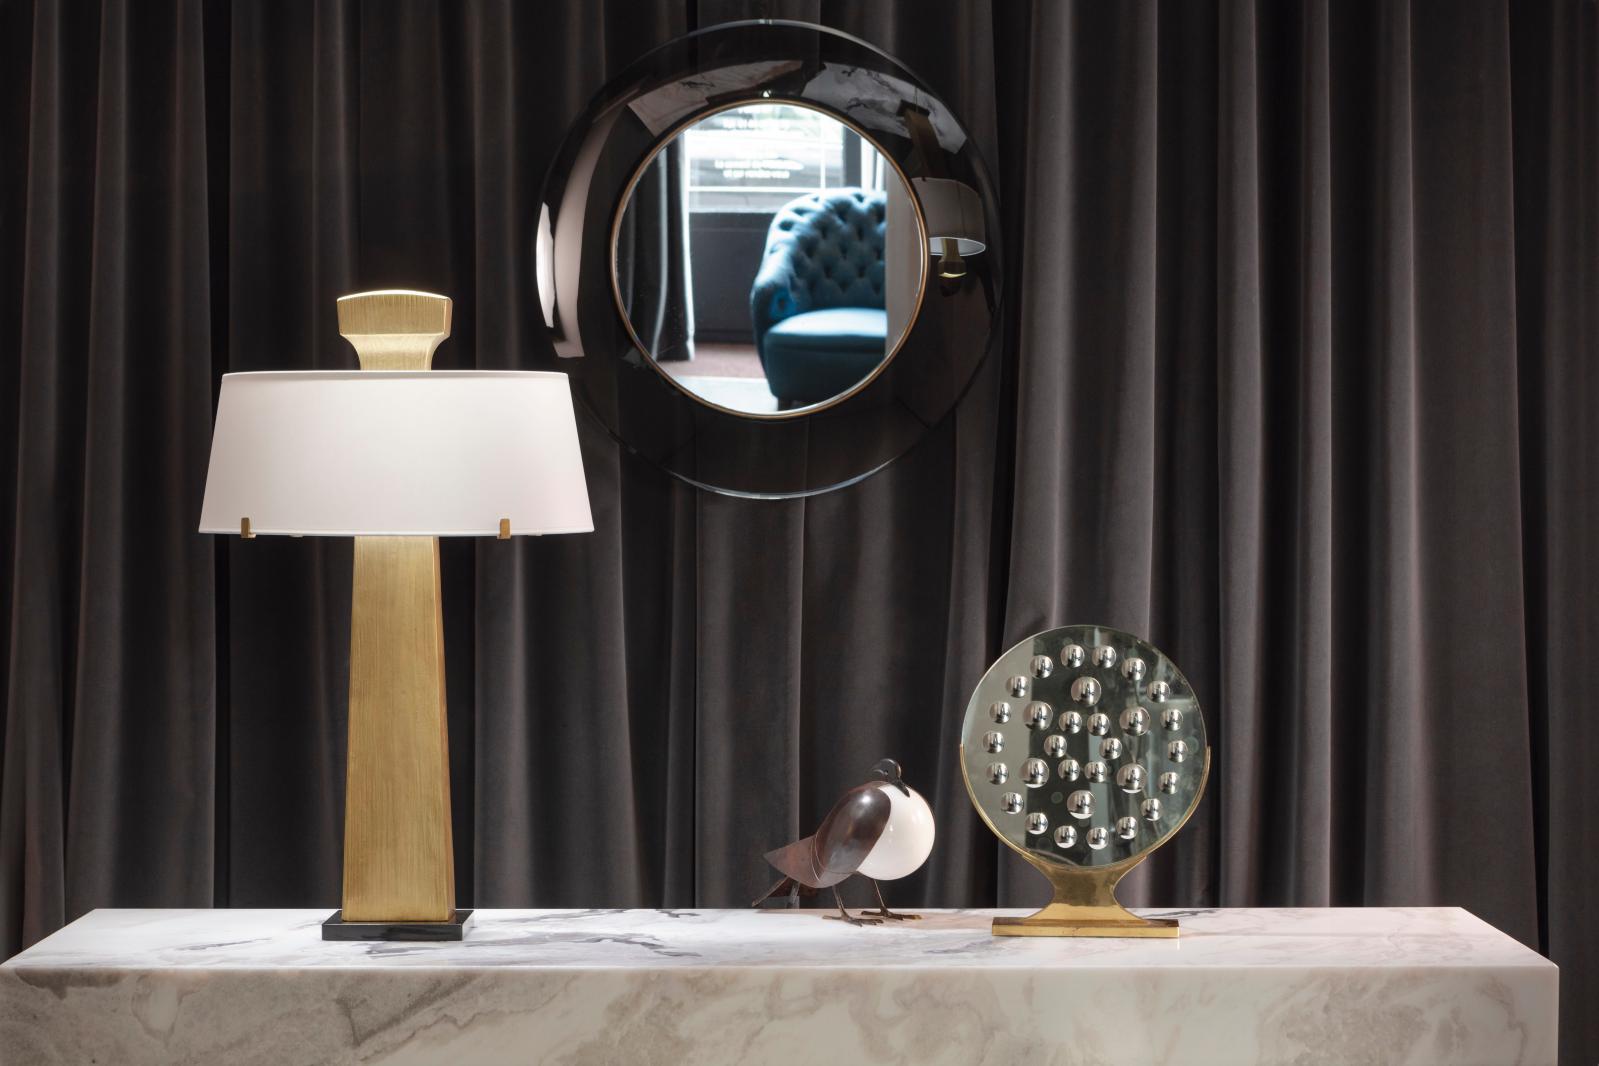 Lampe Patmos d'Hervé Van der Straeten pour Alexandre Biaggi,lampe Pigeon de François-Xavcier Lalanne, deux miroirs Fontana Arte. © CECIL M